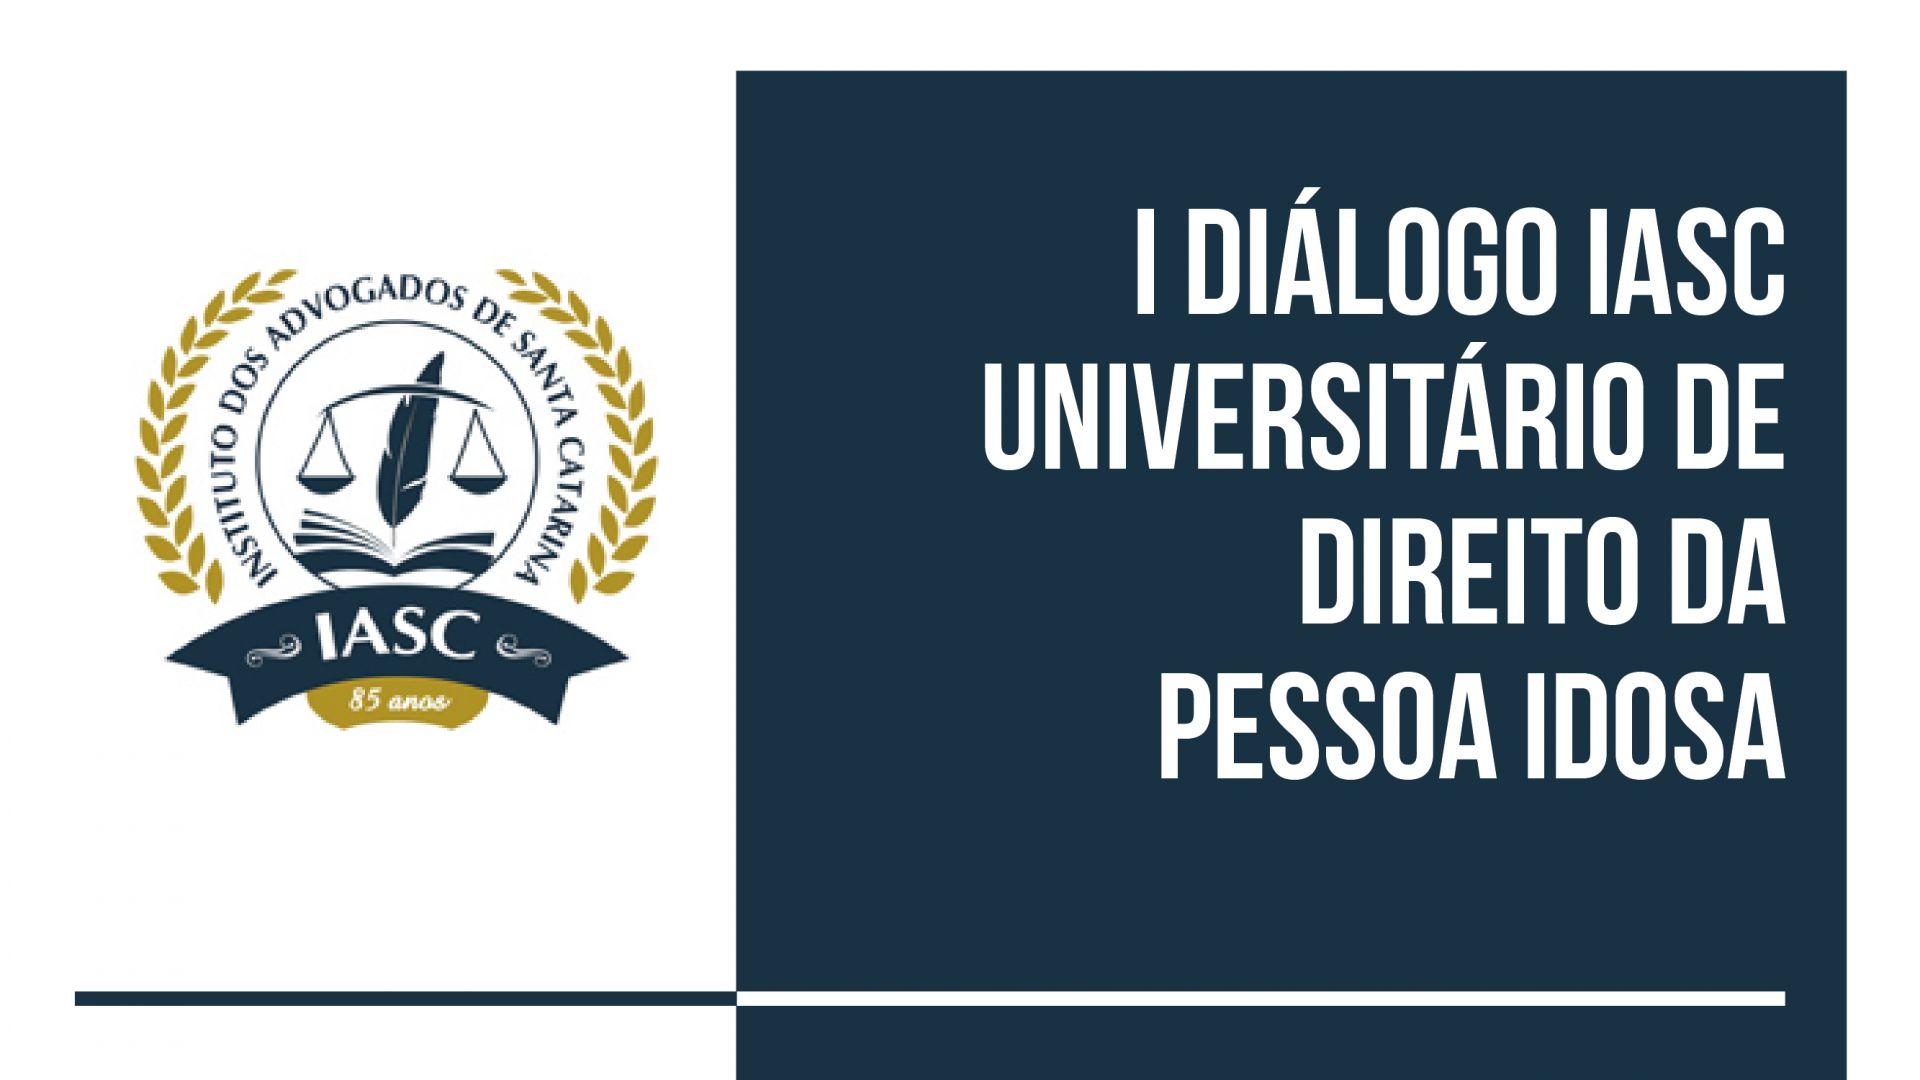 I Diálogo IASC Universitário de Direito da Pessoa Idosa será terça-feira